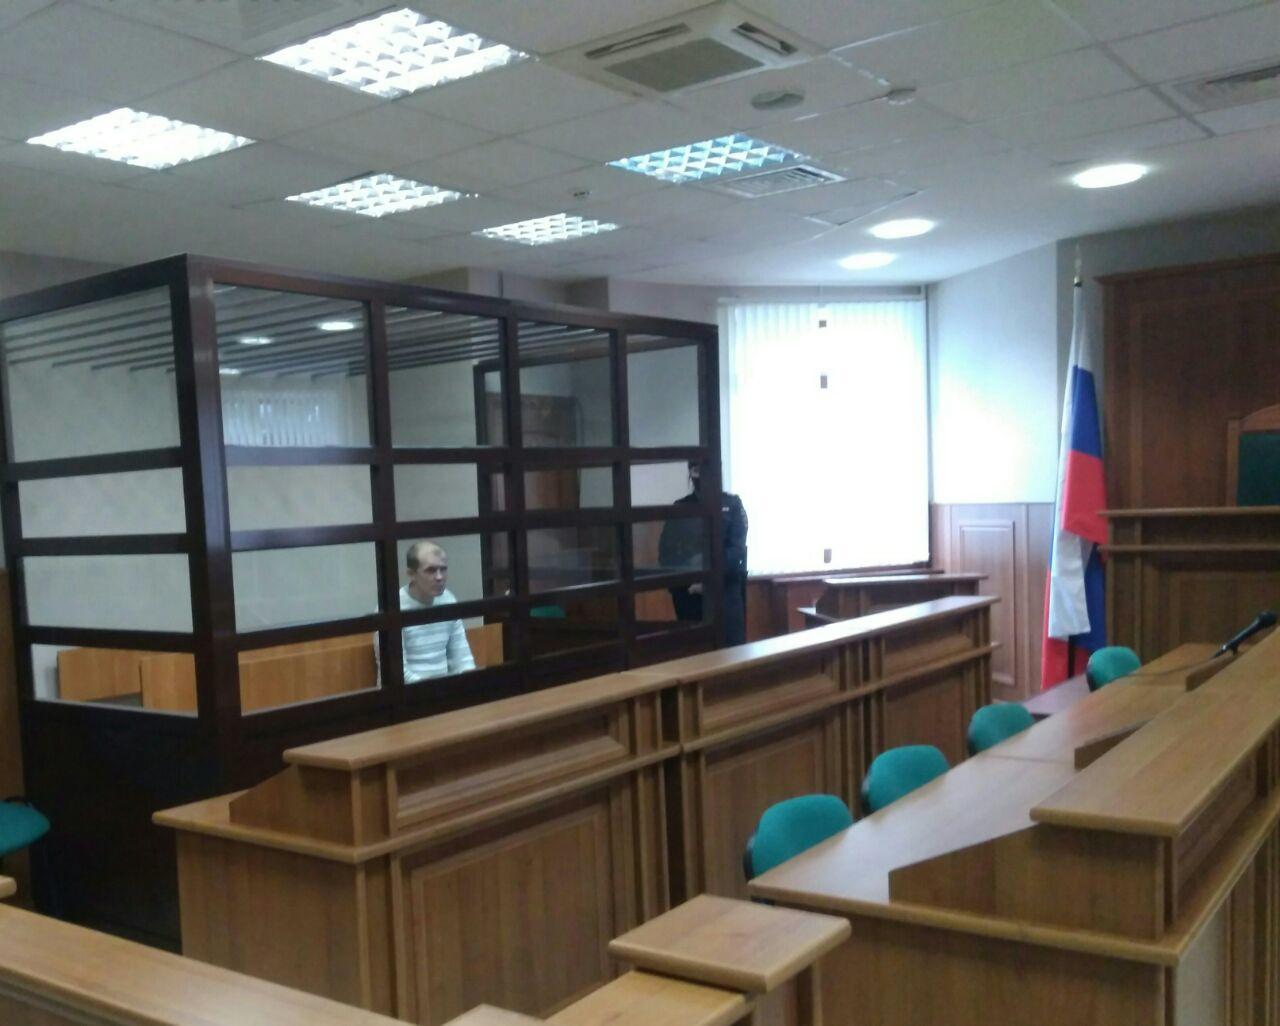 Перерезал горло ради телефона и трех тысяч рублей: в Ярославле вынесли приговор убийце